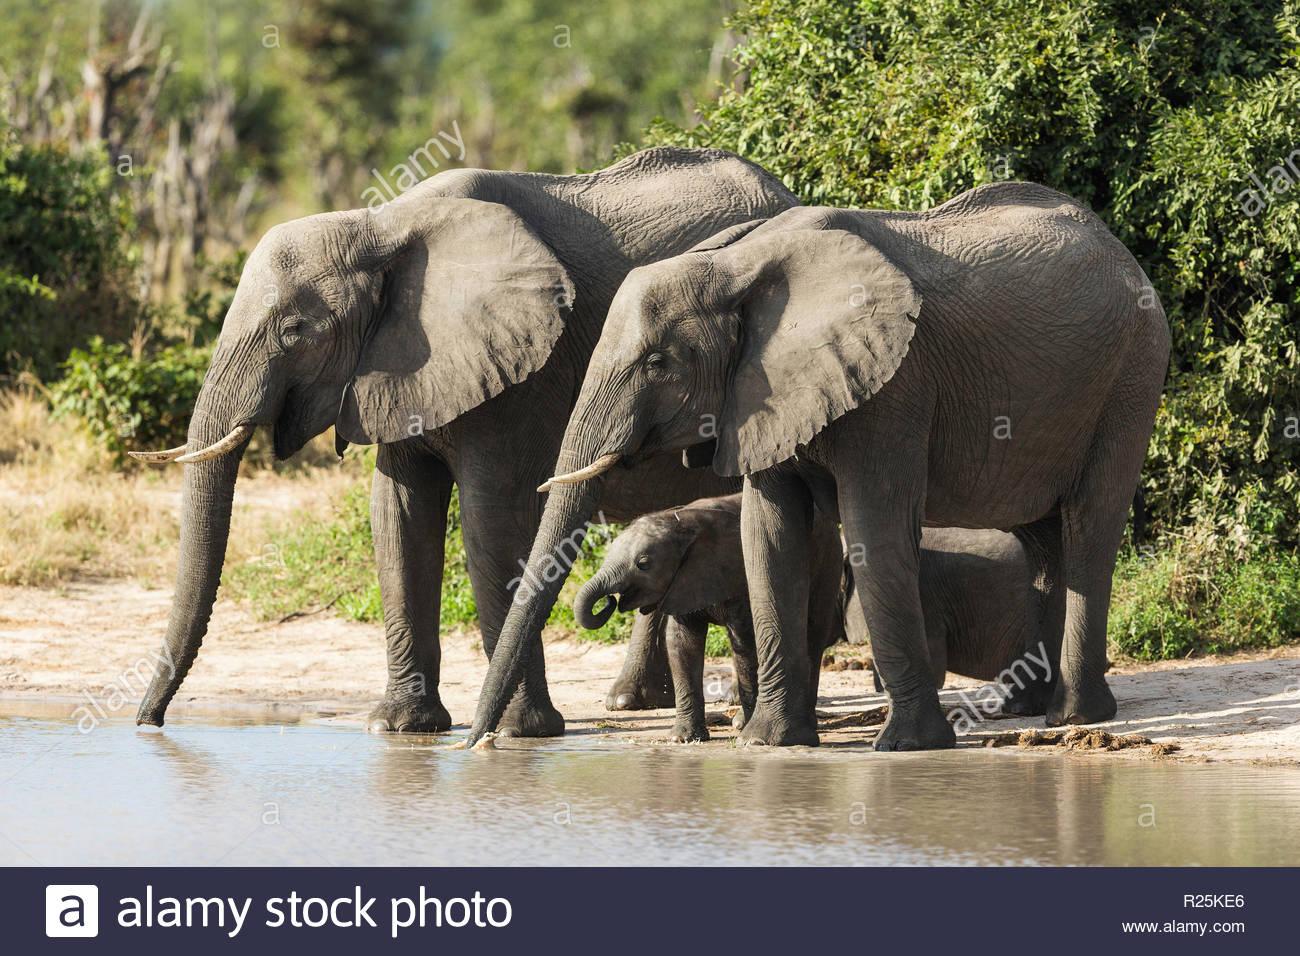 African elephant (Loxodonta africana), Savuti, Botswana, Africa - Stock Image